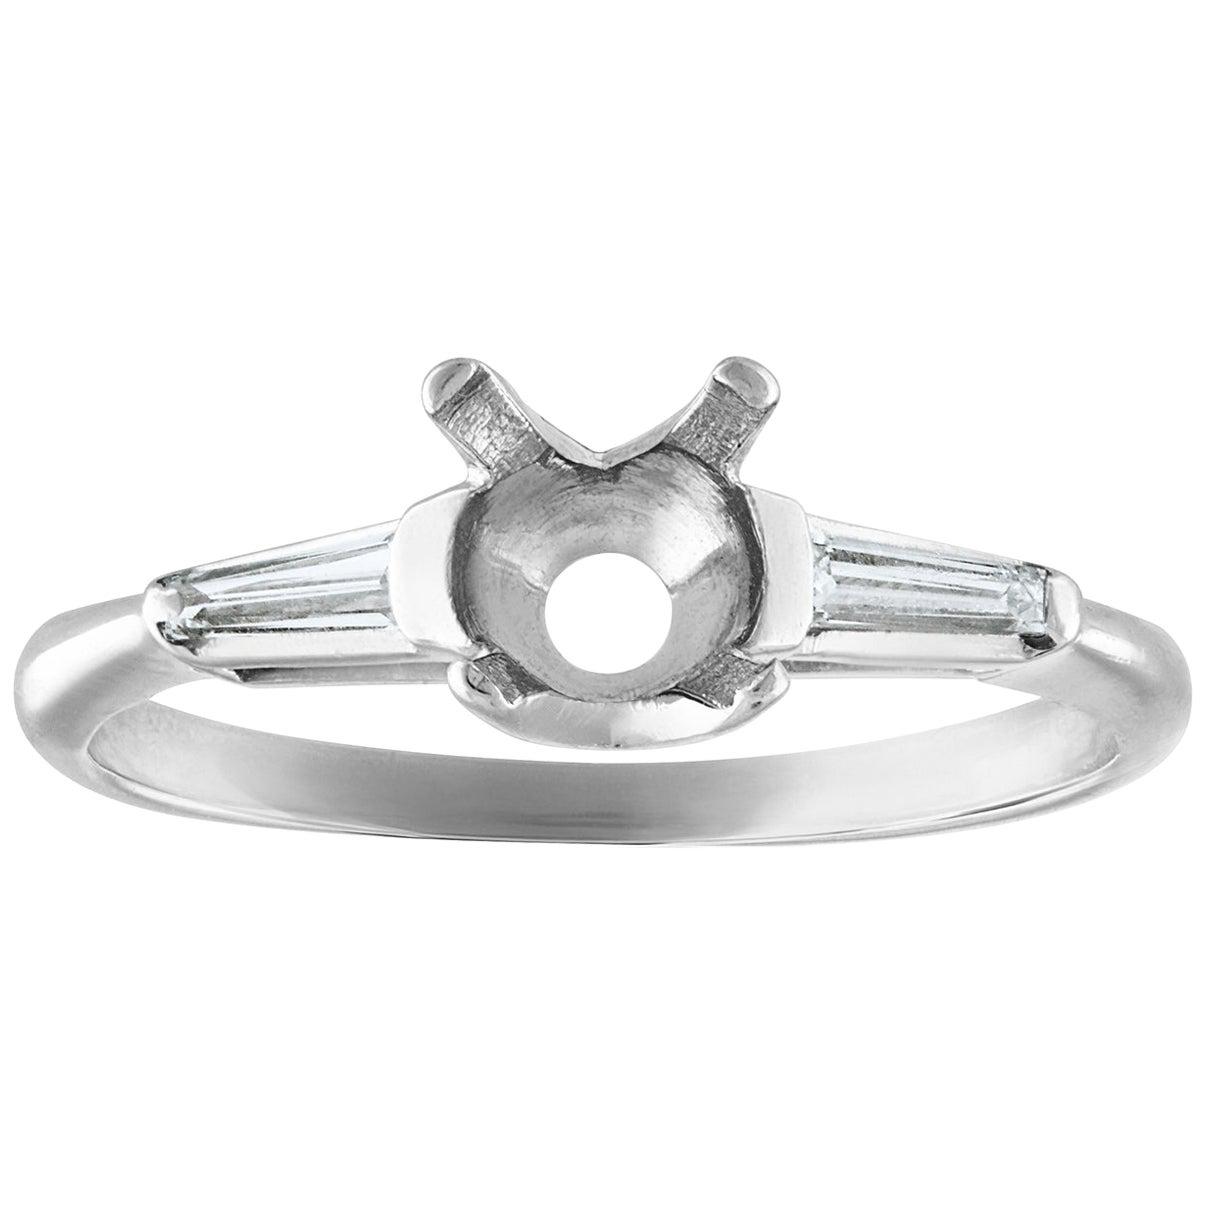 0.25 Carat Diamond Platinum Engagement Ring Setting Mounting